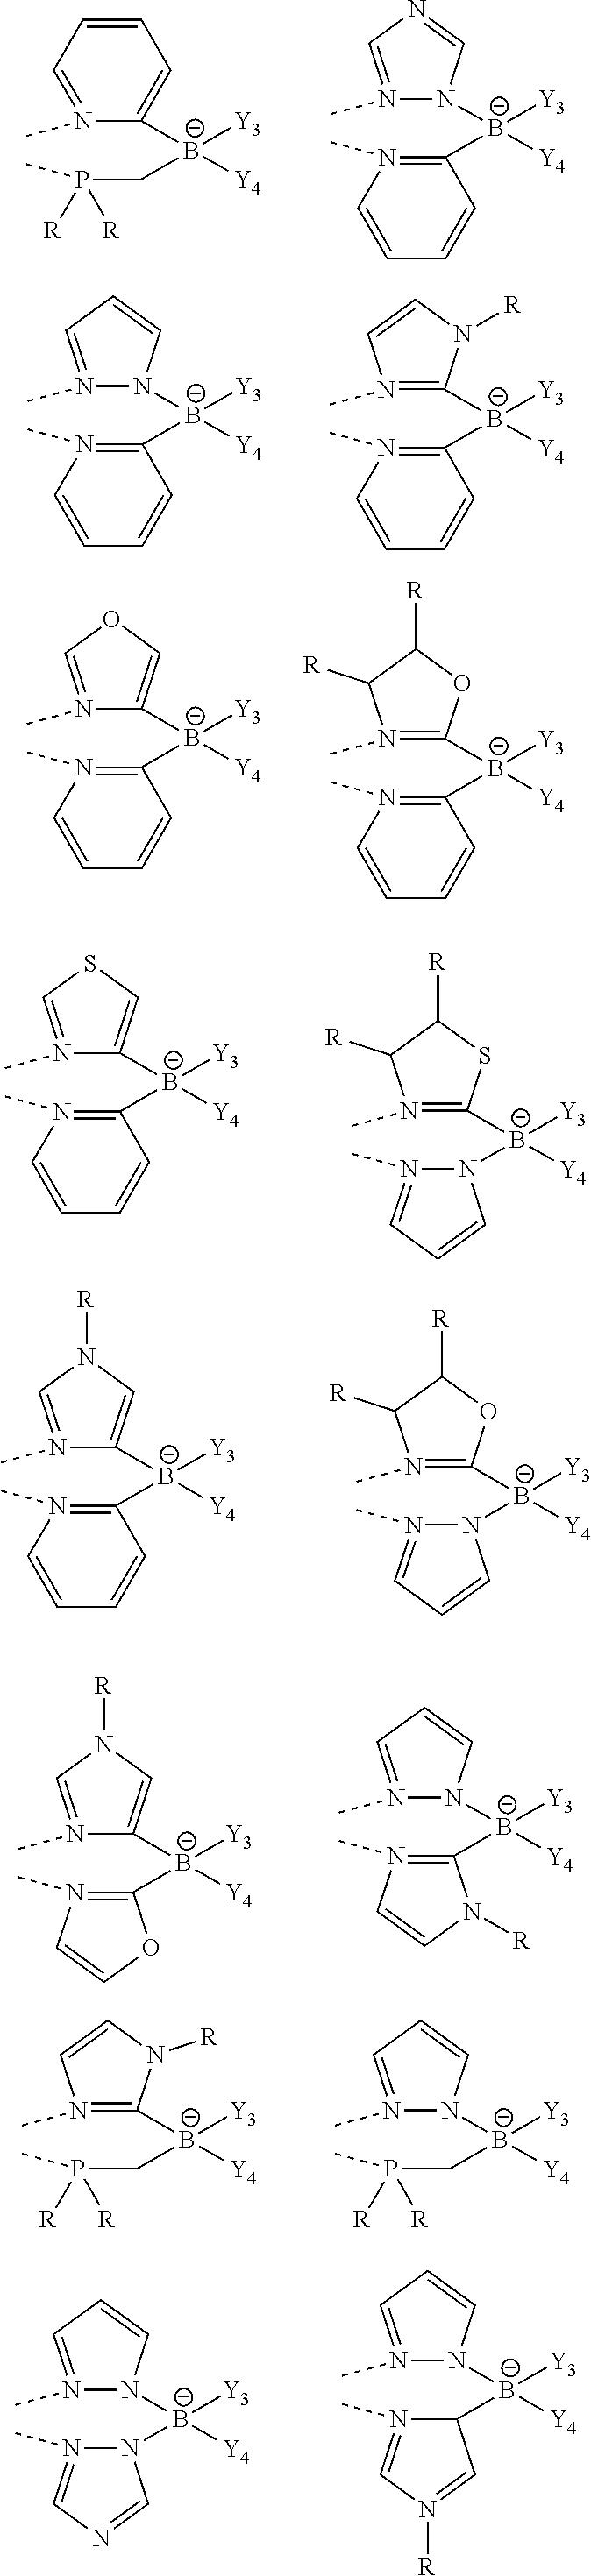 Figure US09773986-20170926-C00273